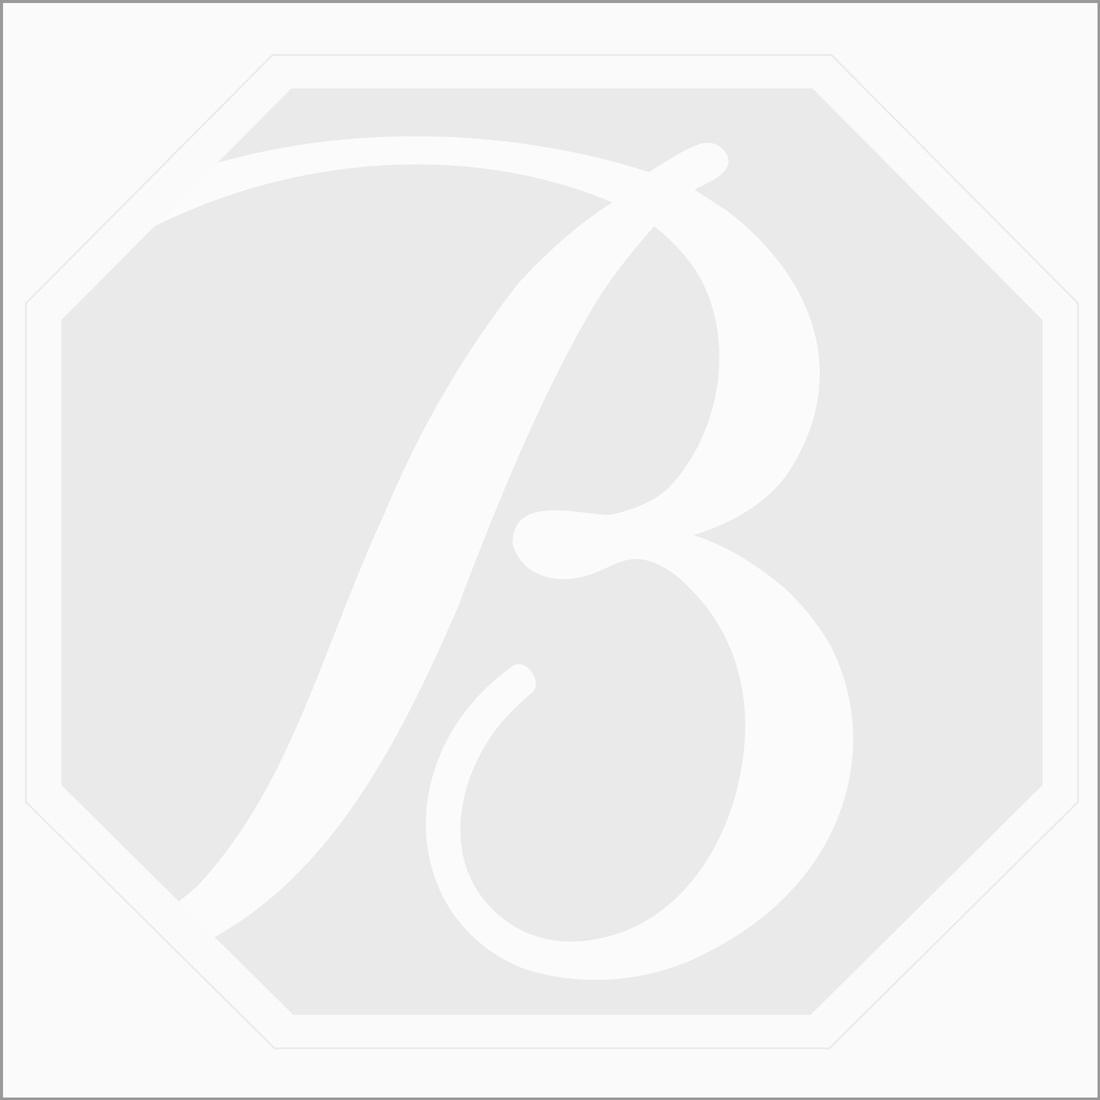 17 Pcs - 29.67 ct. - Green Tourmaline Rose Cut -8.9 x 7.4 x 1.5 mm to 12.8 x 8.9 x 2.1 mm (TRC1081)